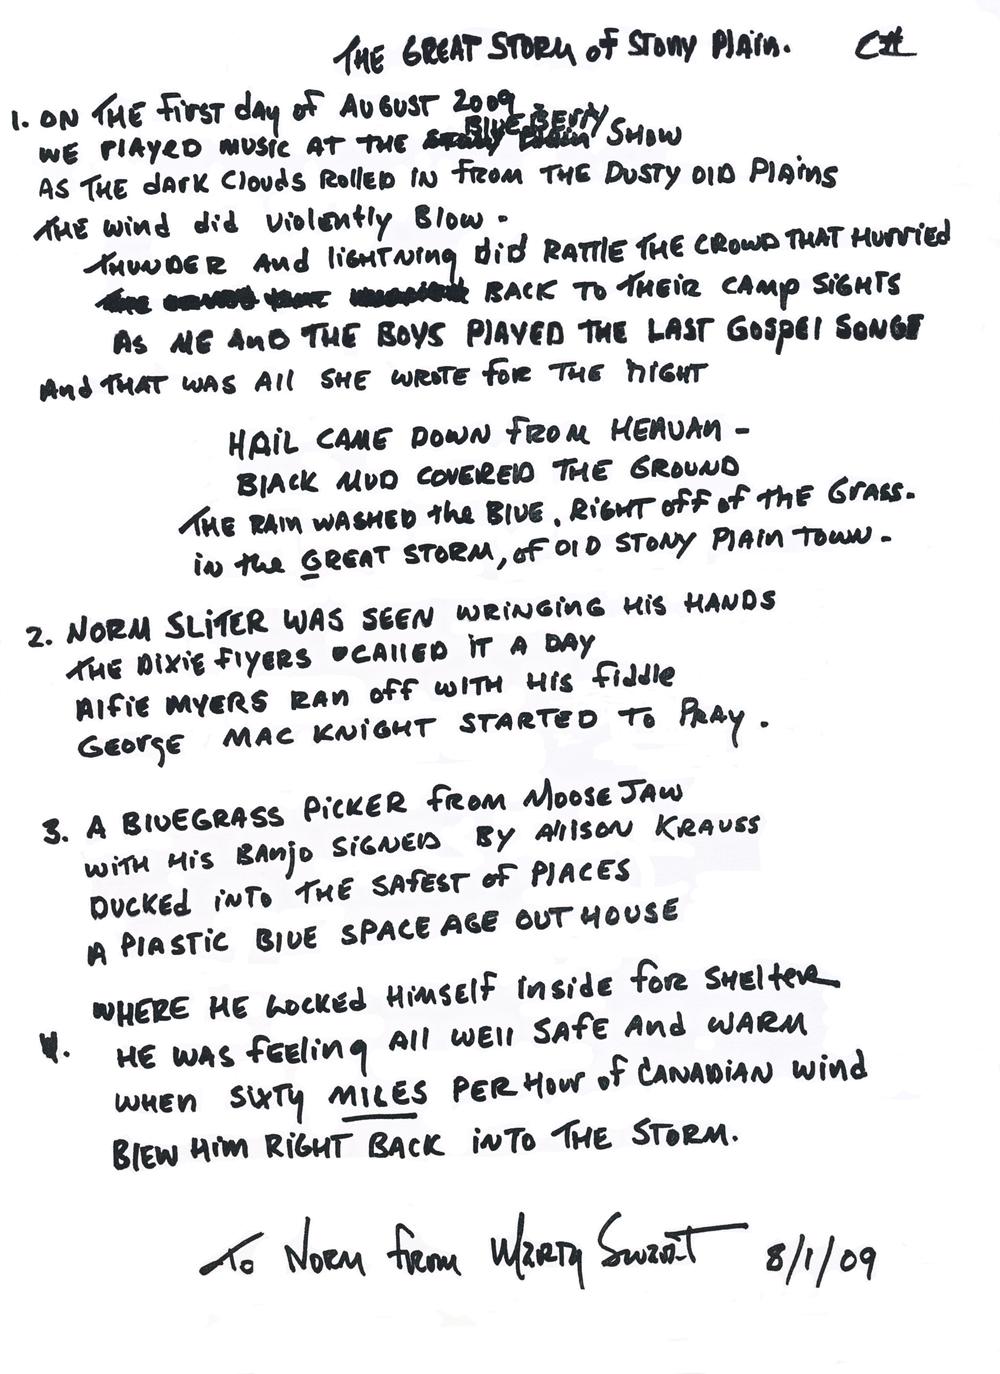 Lyrics for the Great Storm of Stony Plain